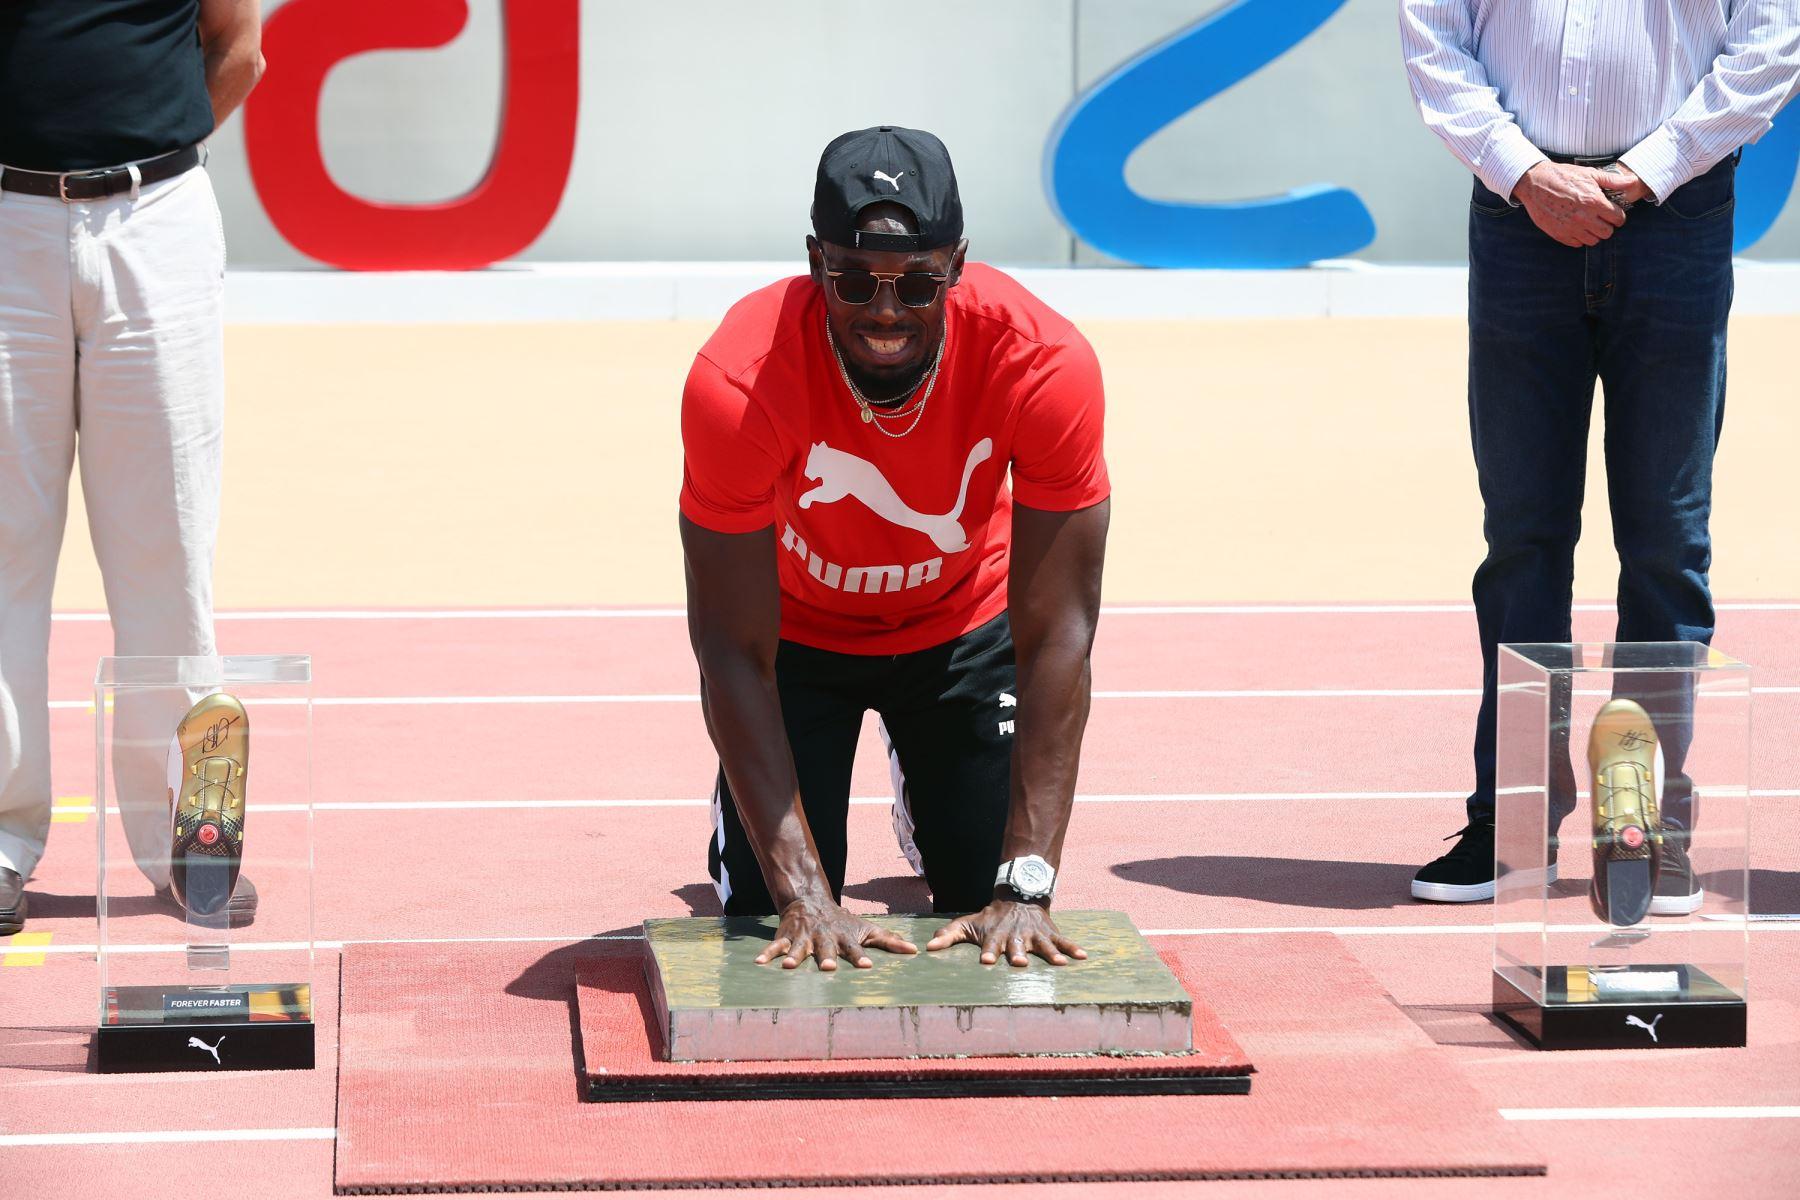 Usain Bolt deja sus huellas en el estadio de atletismo de Lima 2019